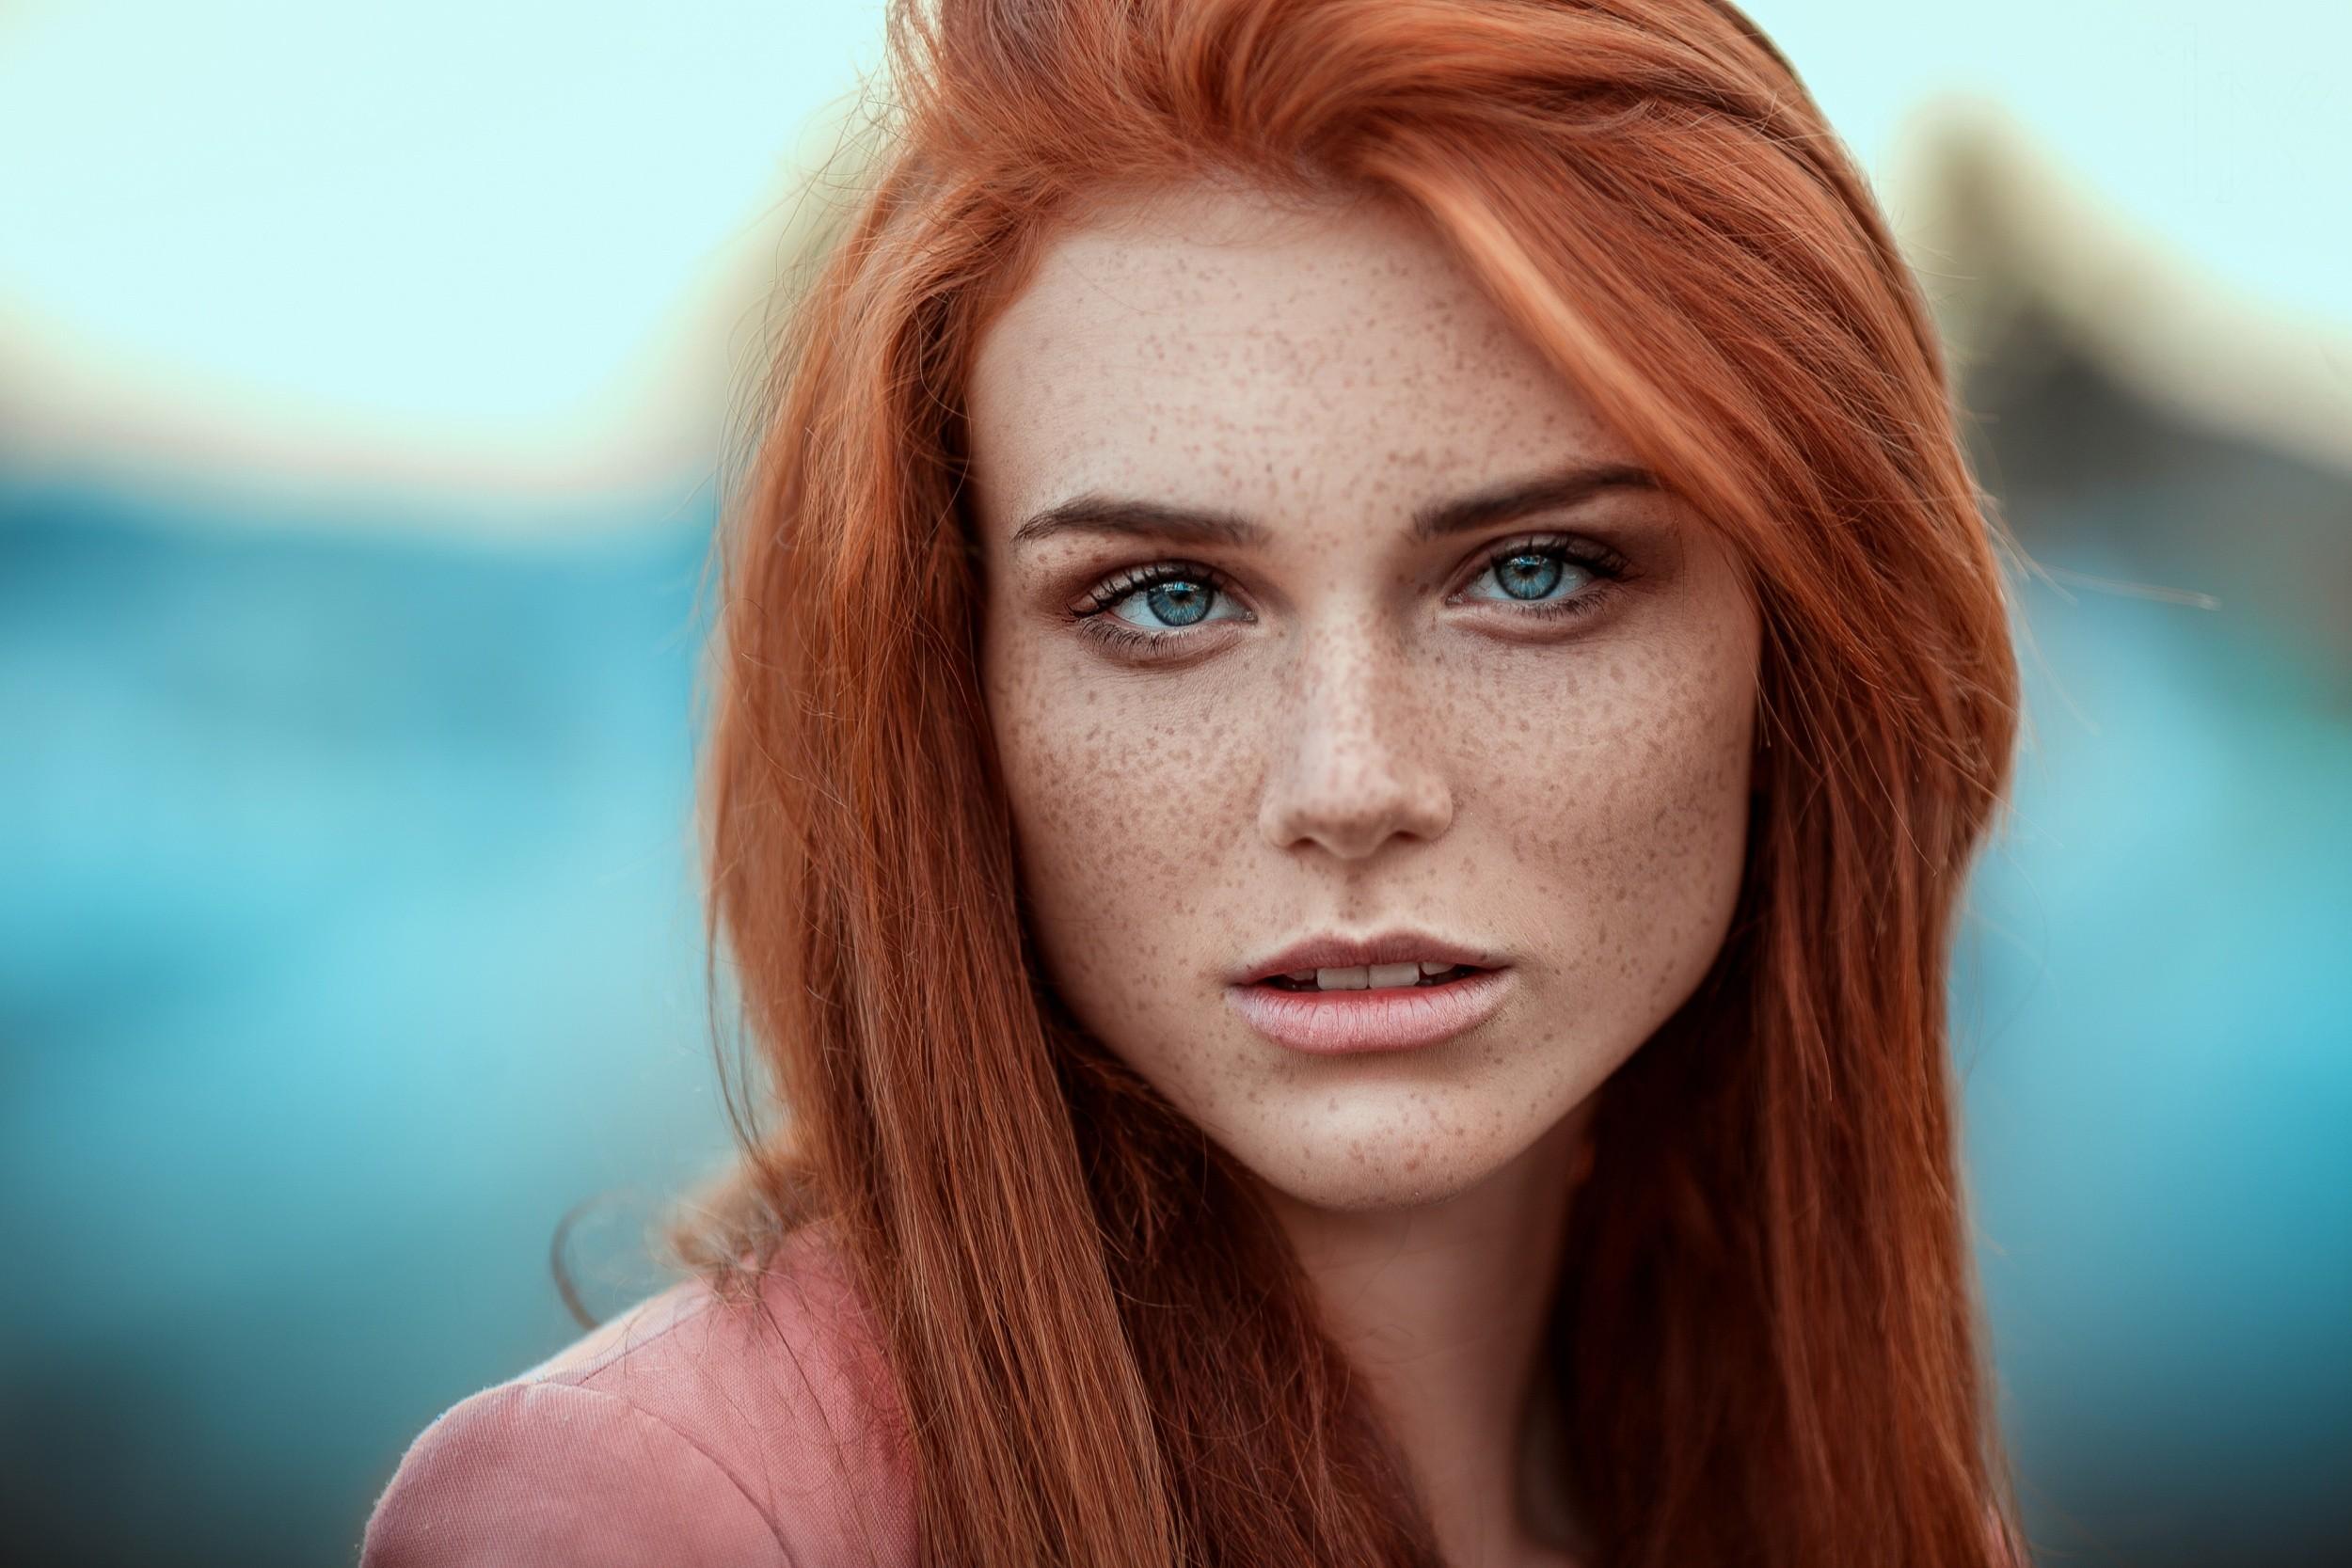 Girl portrait redhead